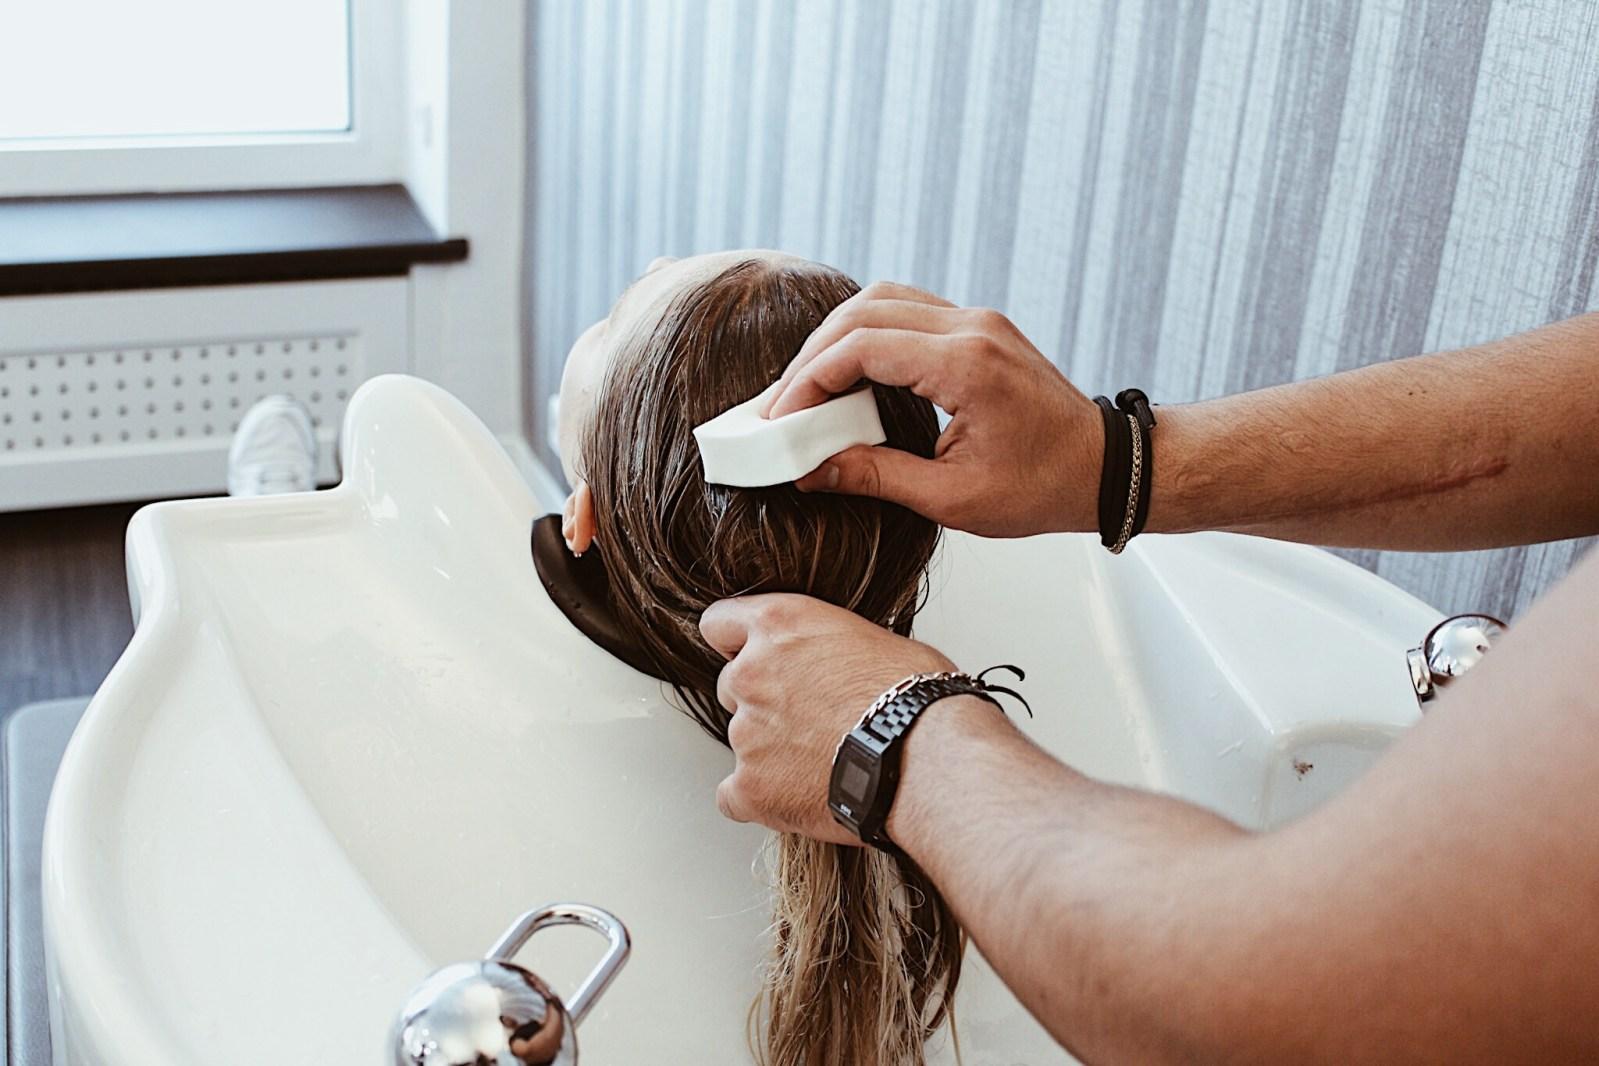 Fehler beim Haare waschen